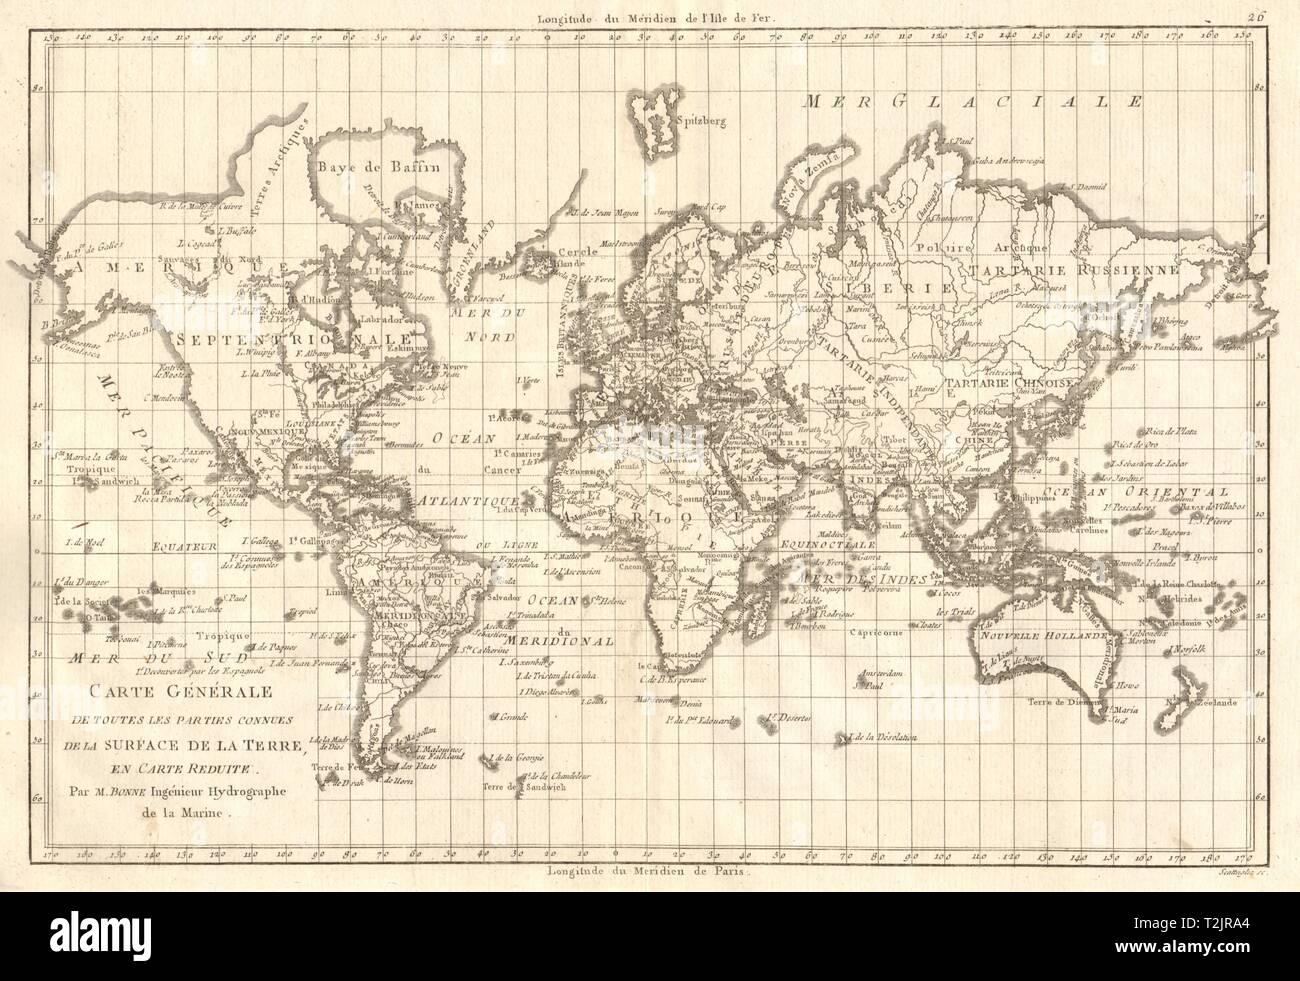 Carte générale de toutes les parties connues de la… terre. World. BONNE 1789 map - Stock Image